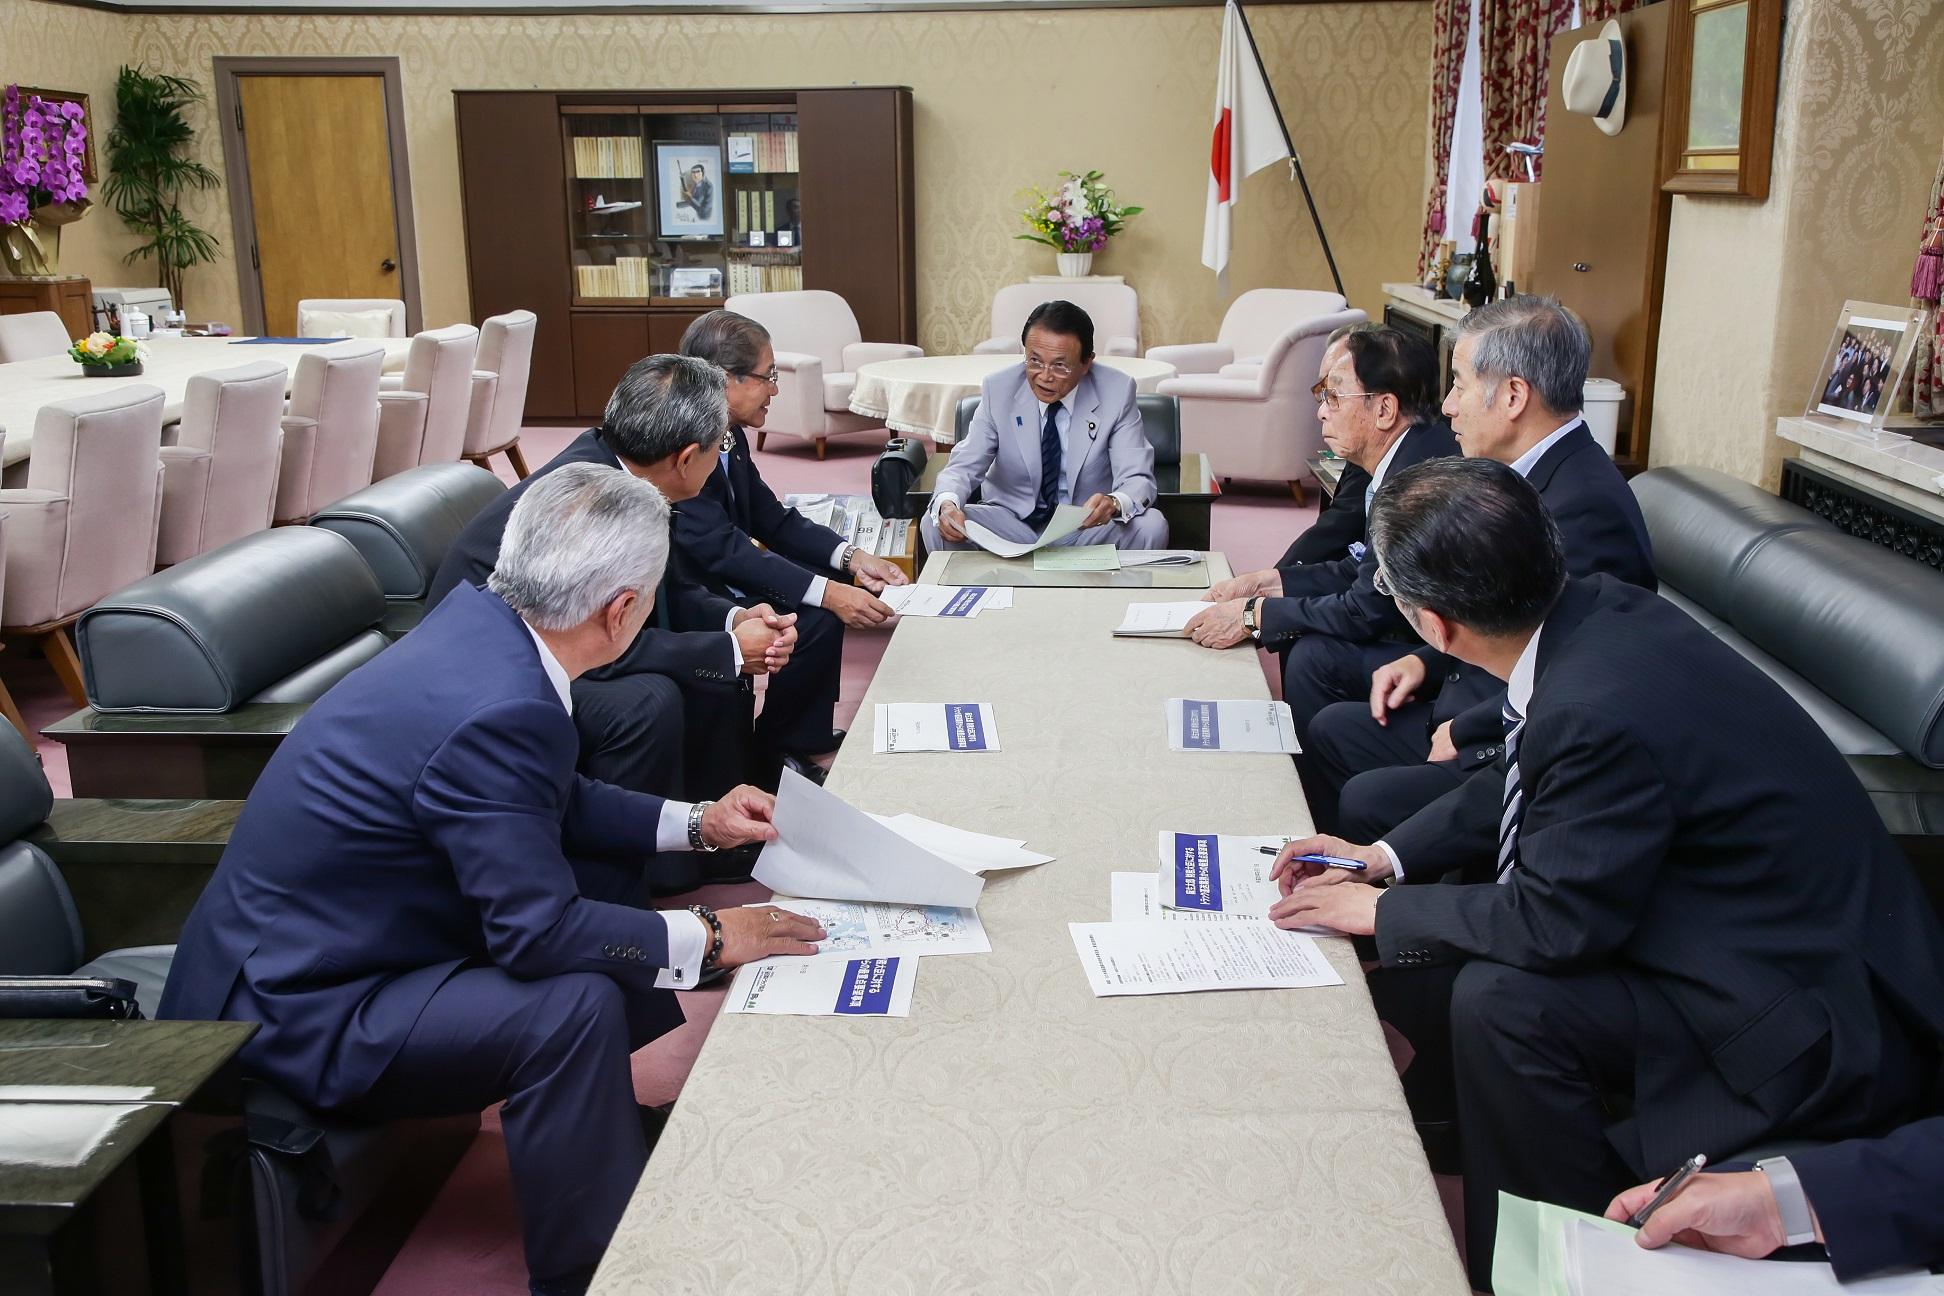 麻生太郎財務大臣に対して、平成30年度税制改正・予算に関する要望の様子